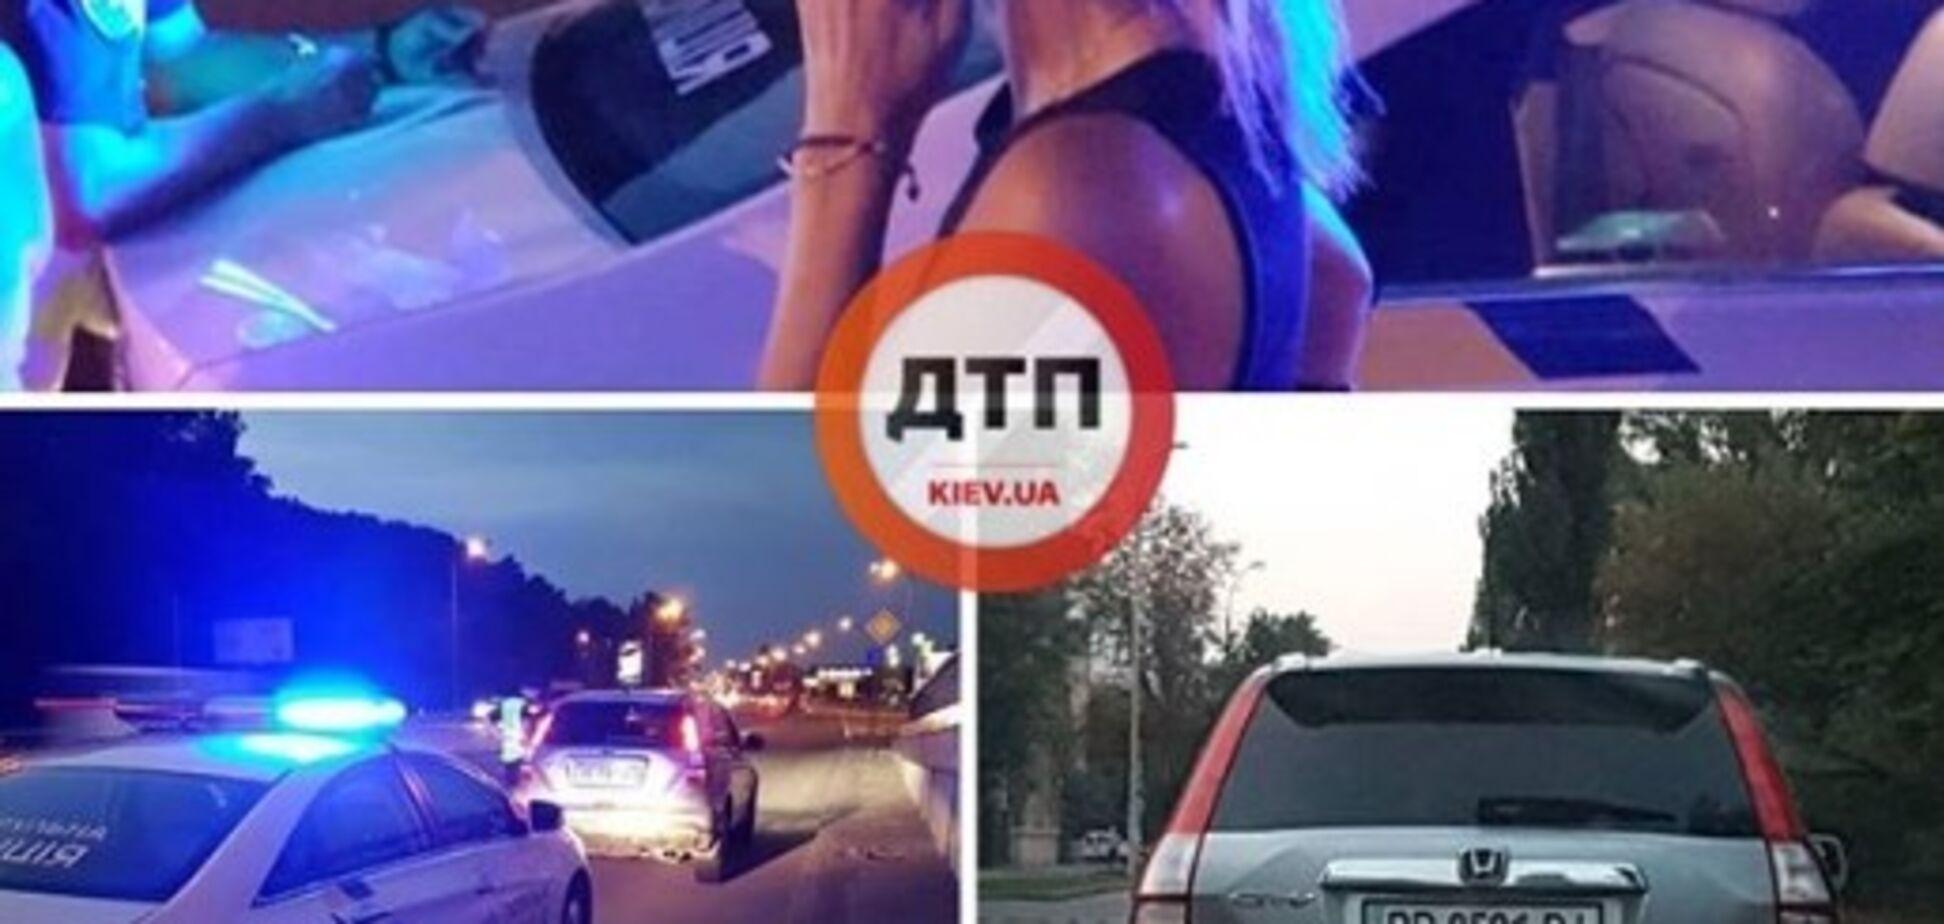 Пыталась 'порешать': в Киеве за рулем поймали пьяную девушку, сеть кипит